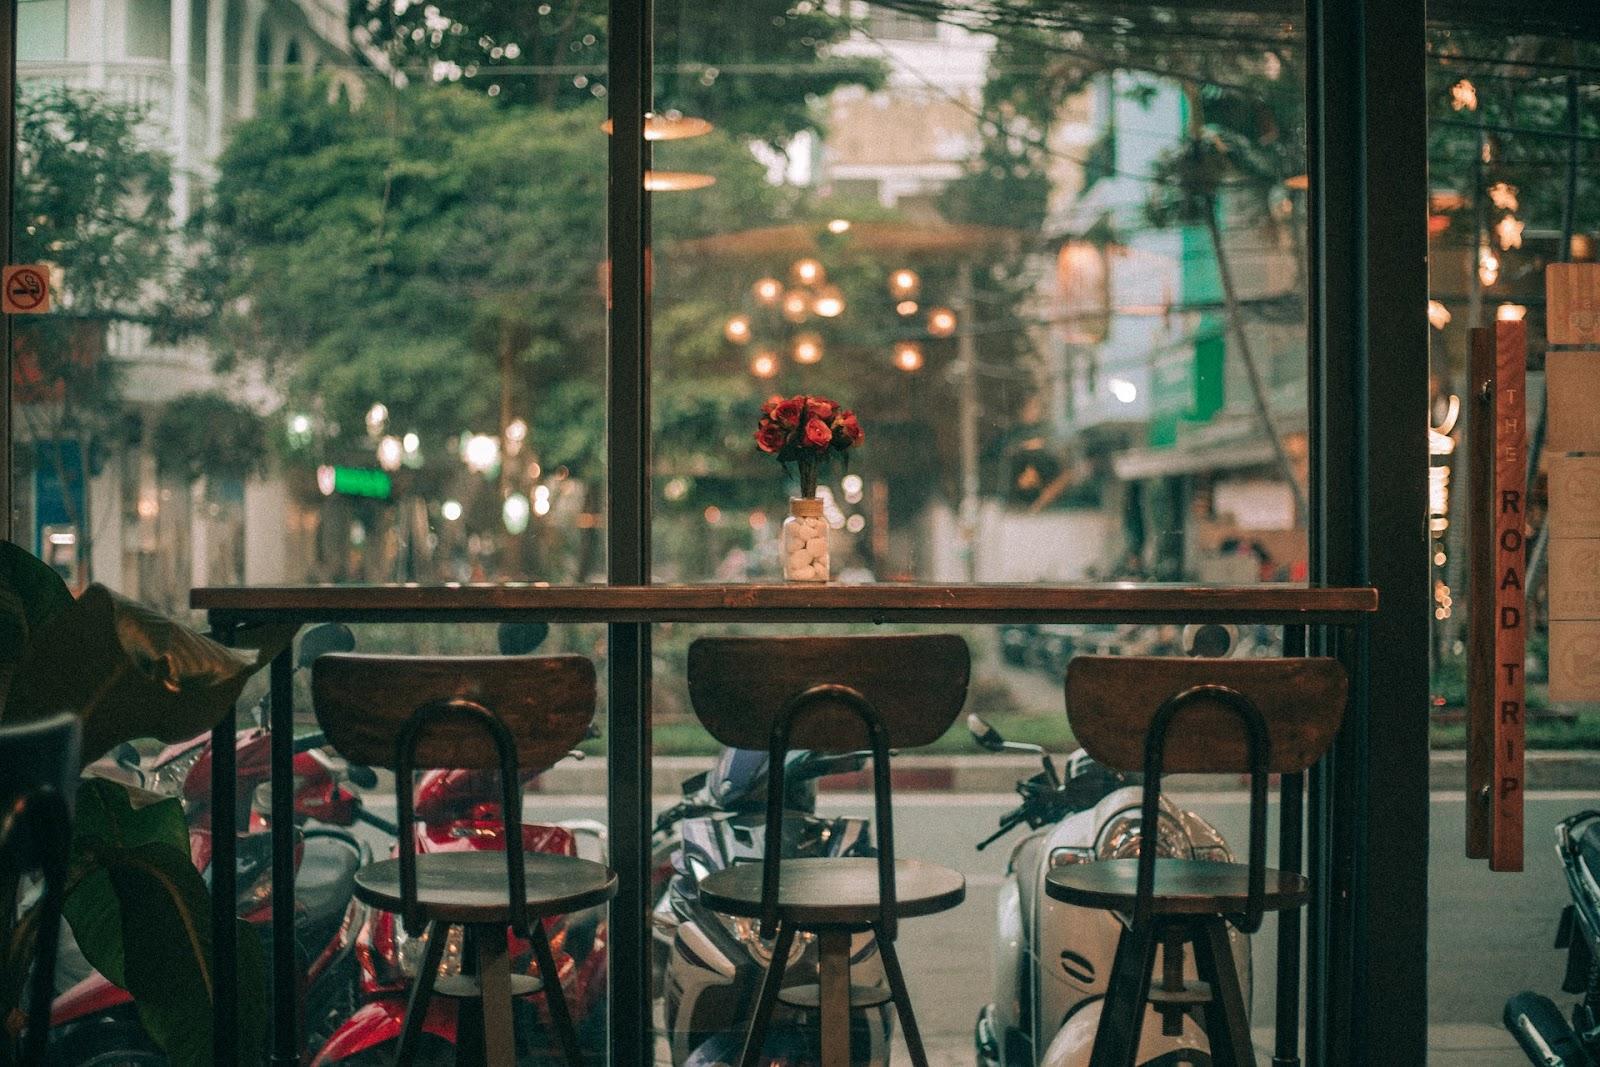 Além de permitir que os pedestres enxerguem o interior, quem está dentro tem contato com o exterior (Fonte: Huynh Dat/Pexels)